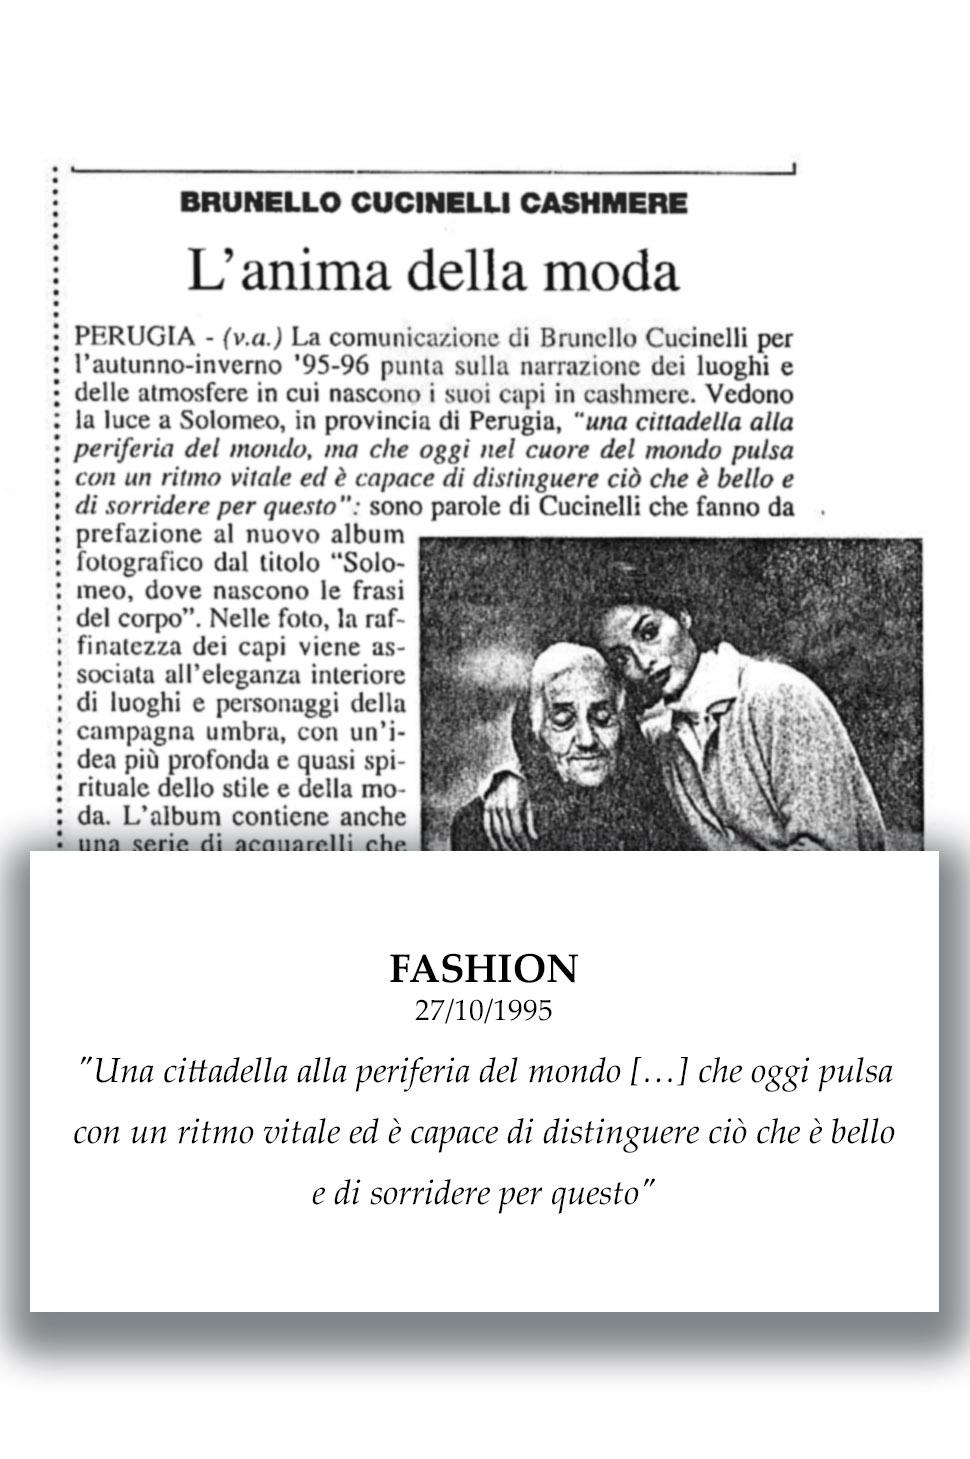 1995 Fashion